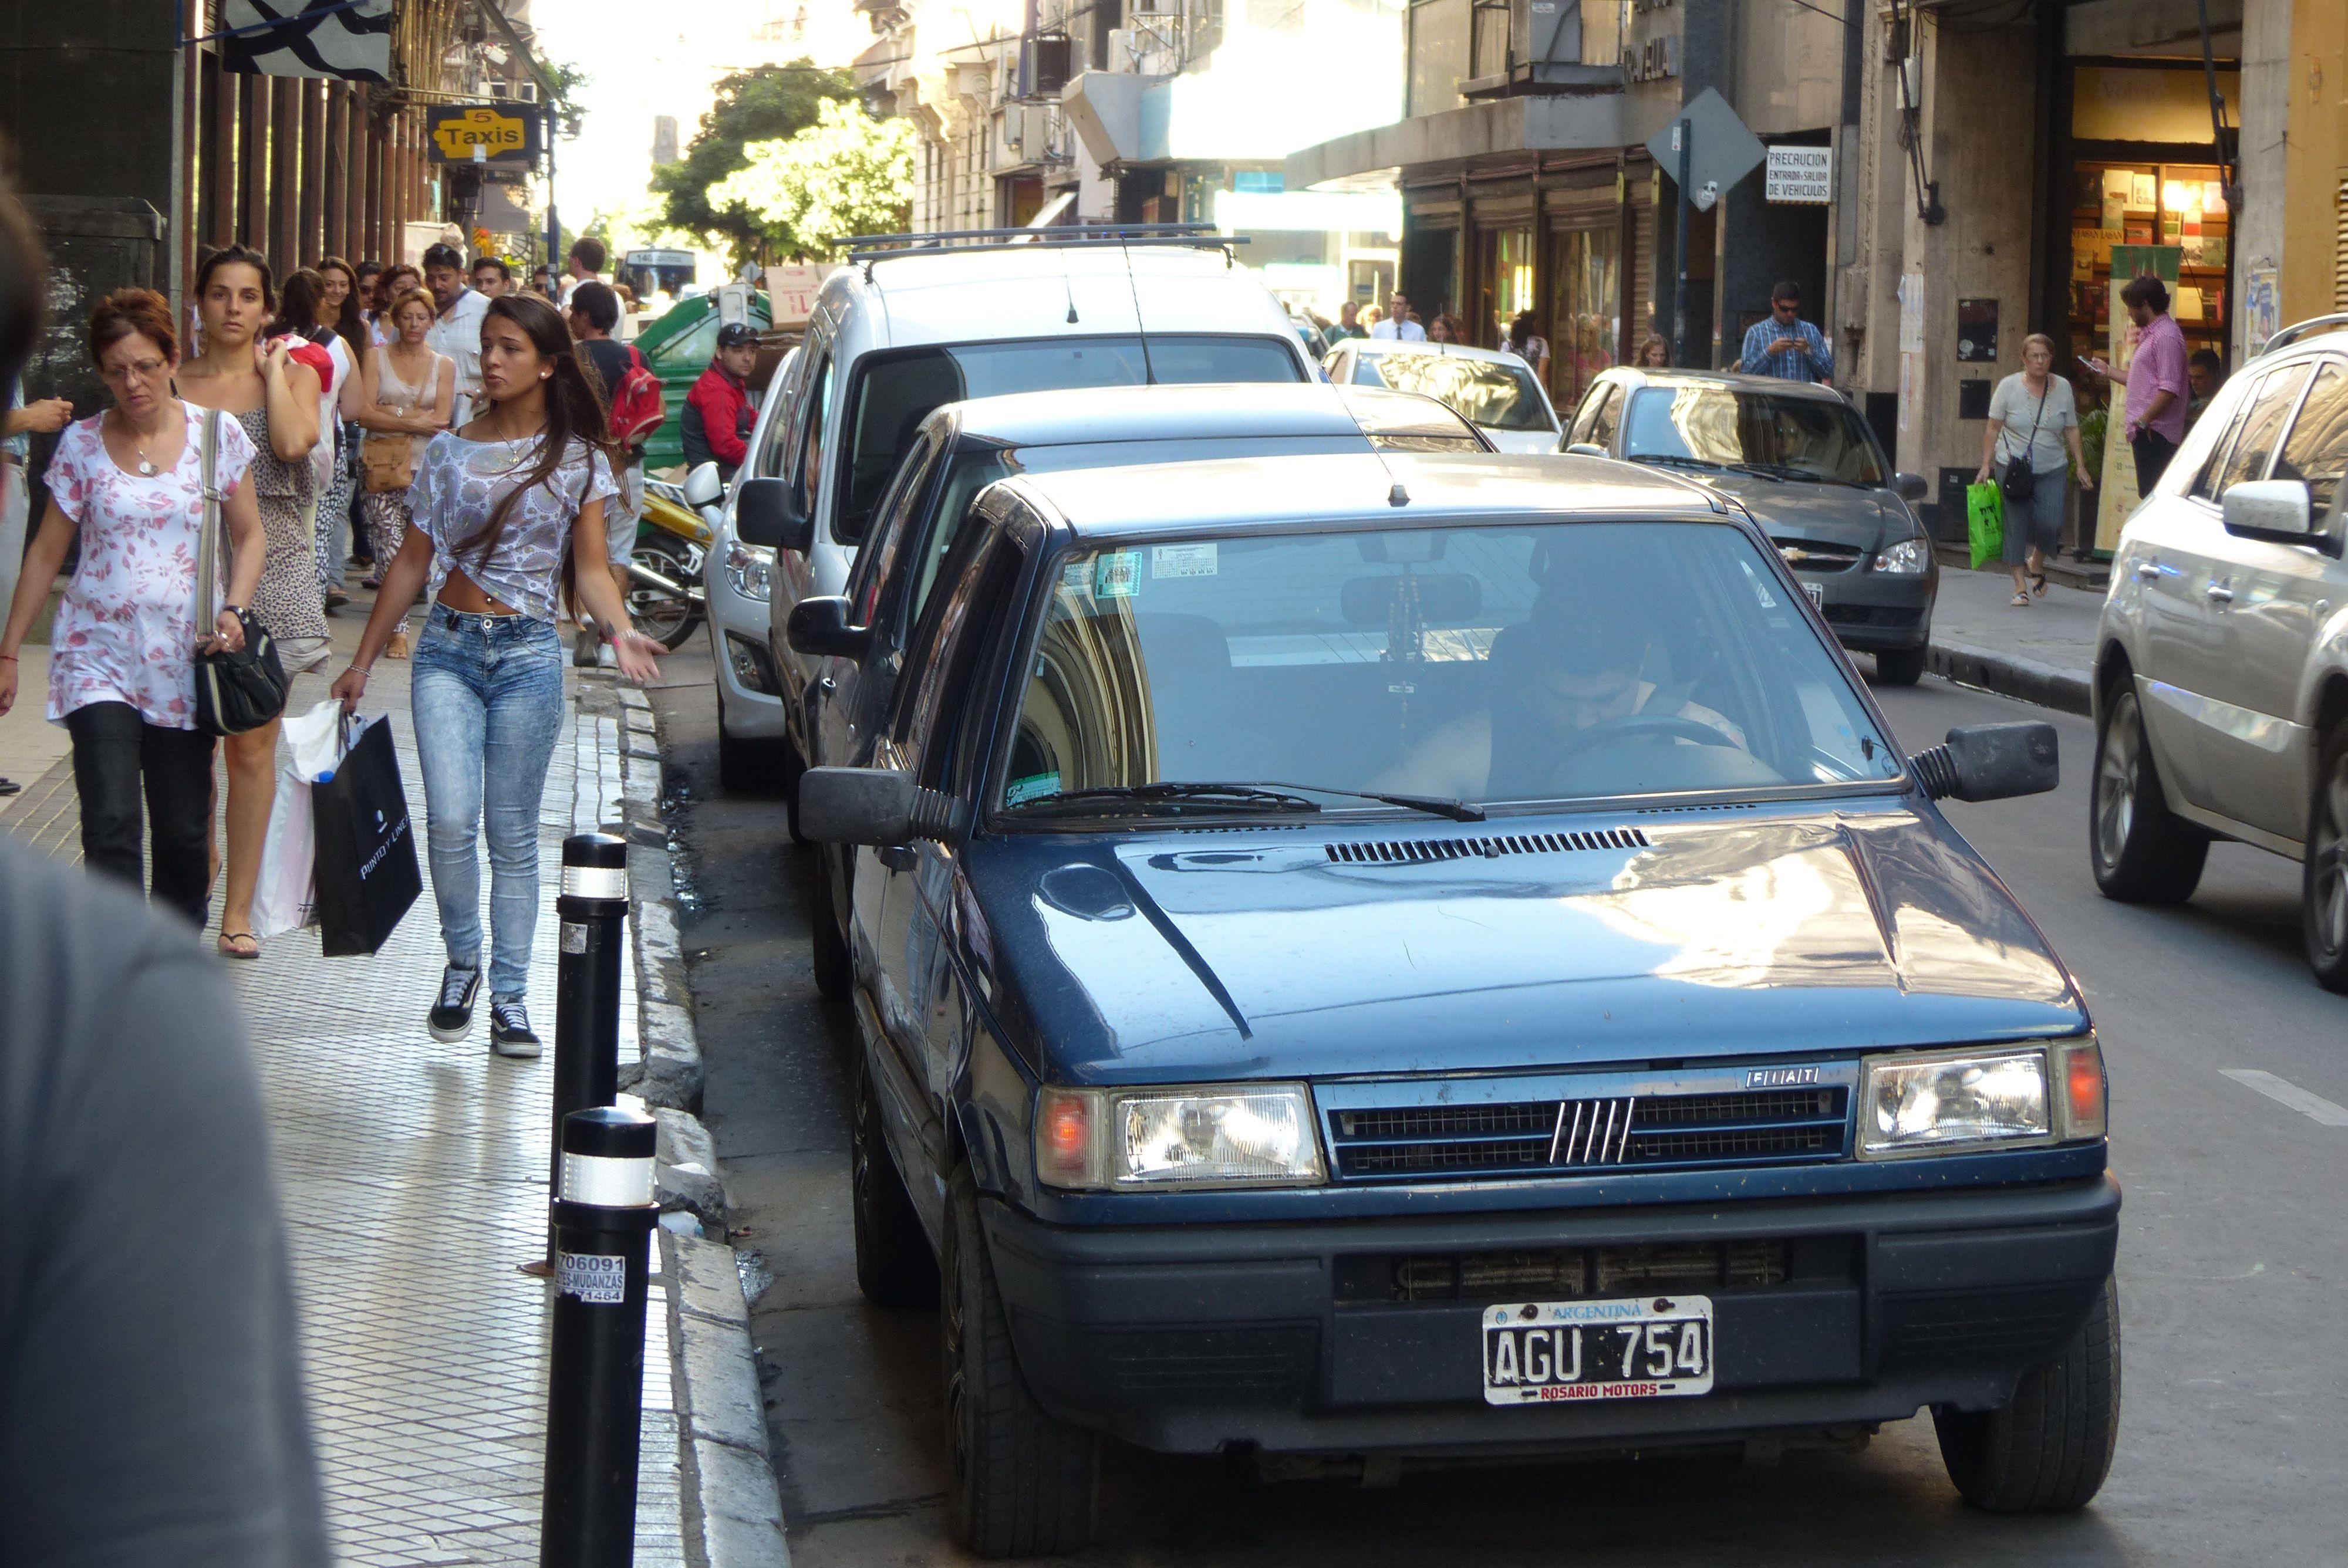 Antecedente. El año pasado el gobierno local convalidó el estacionamiento de vehículos particulares en las calles céntricas los tres días previos a Navidad. (Angel Amaya / La Capital)